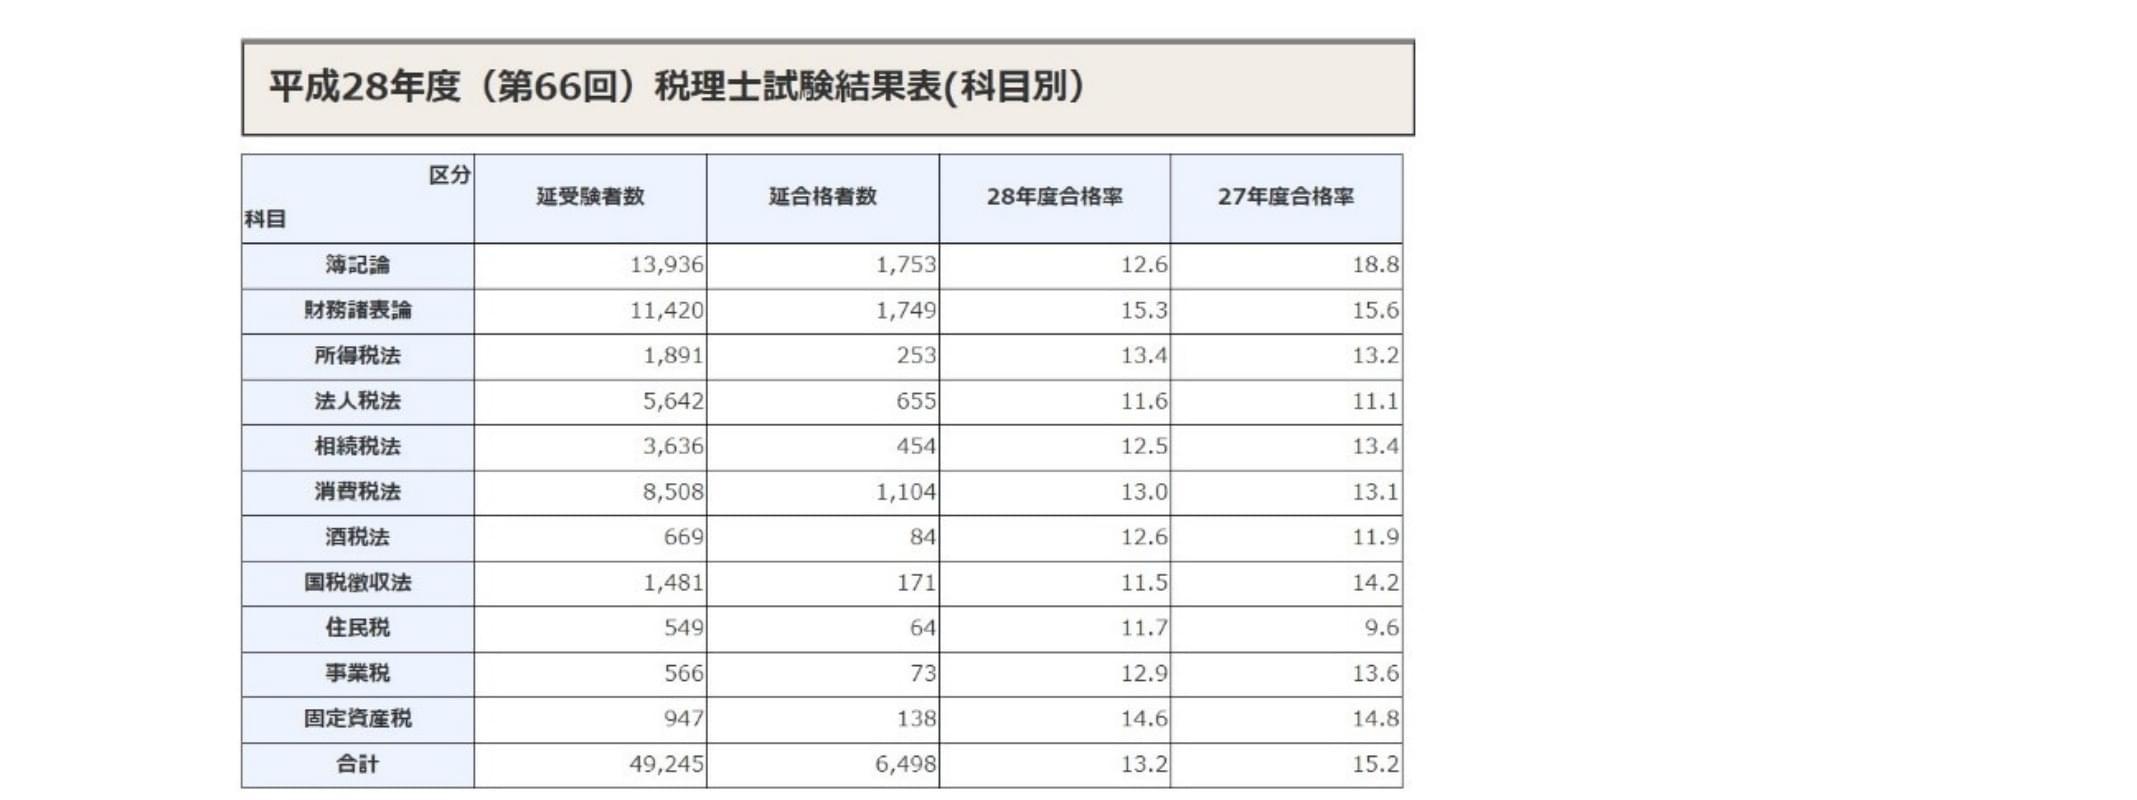 税理士合格率H28